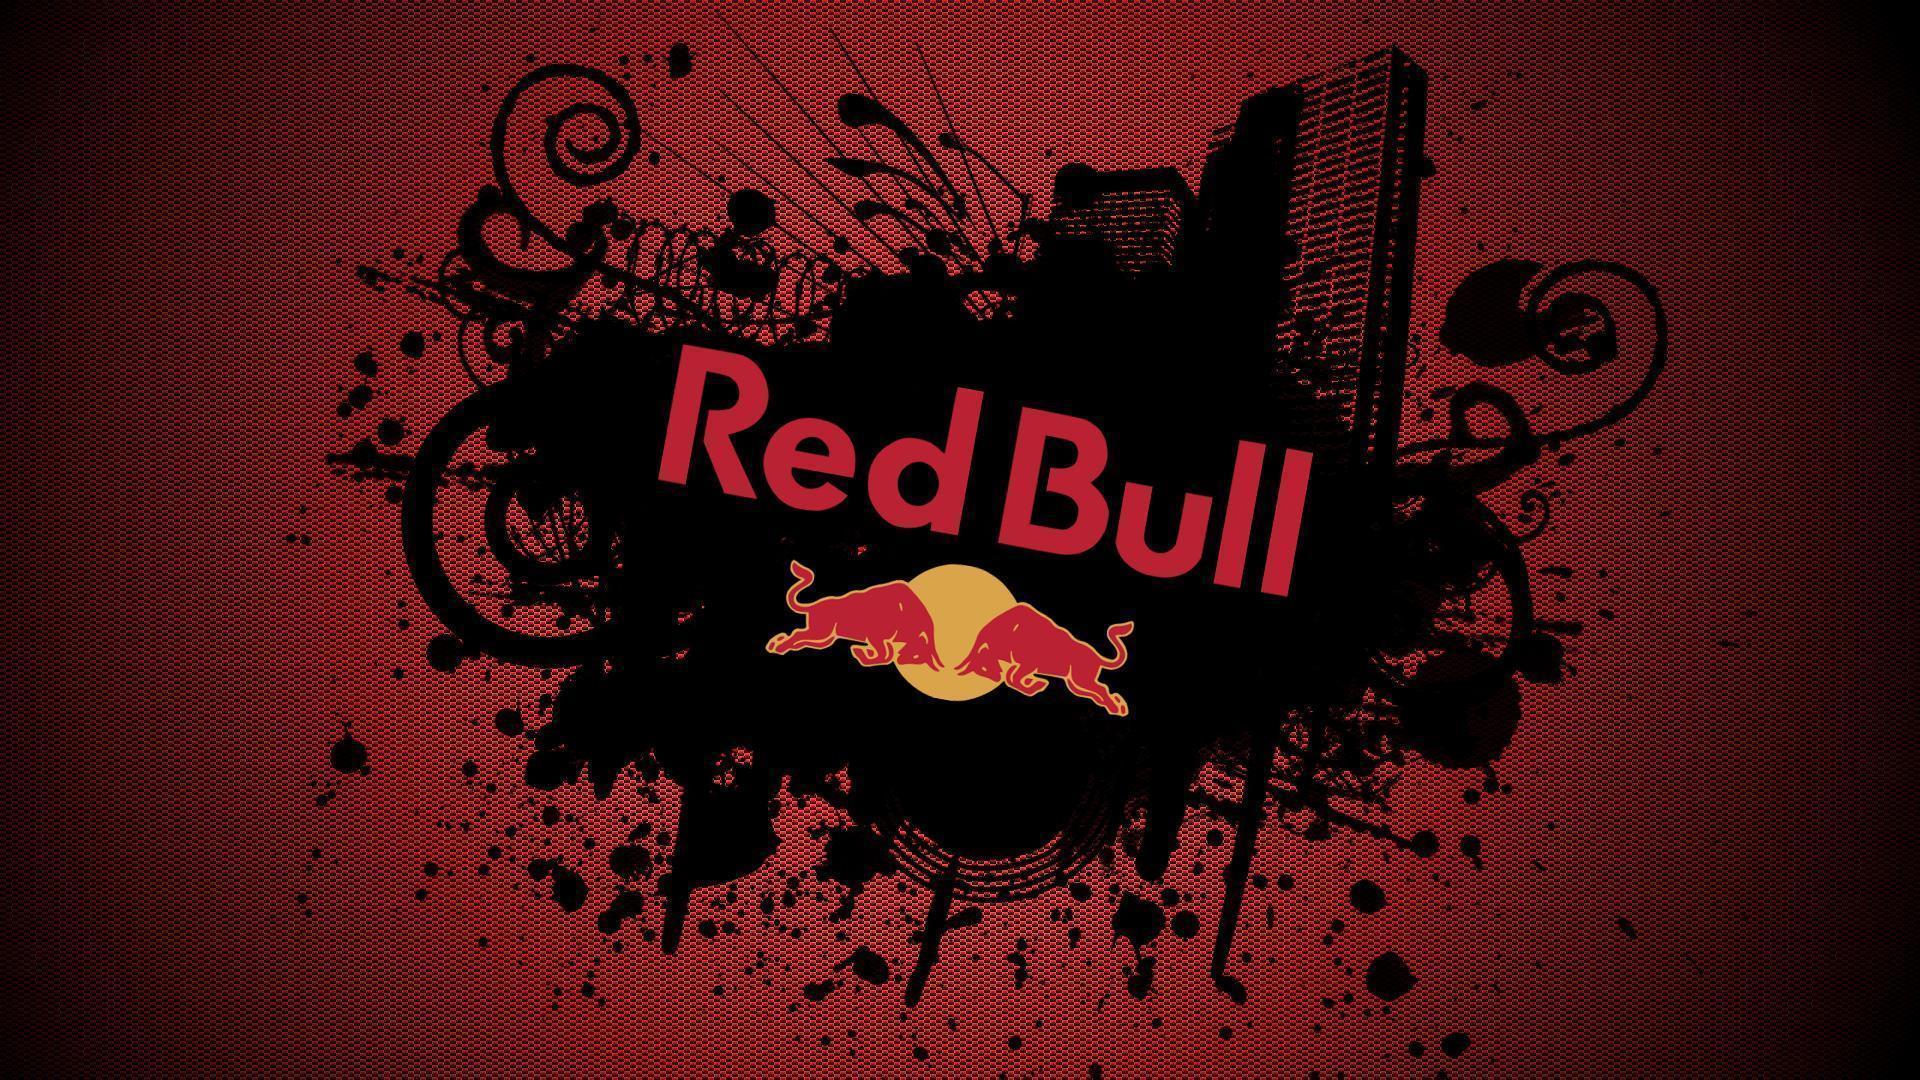 Red bull wallpaper